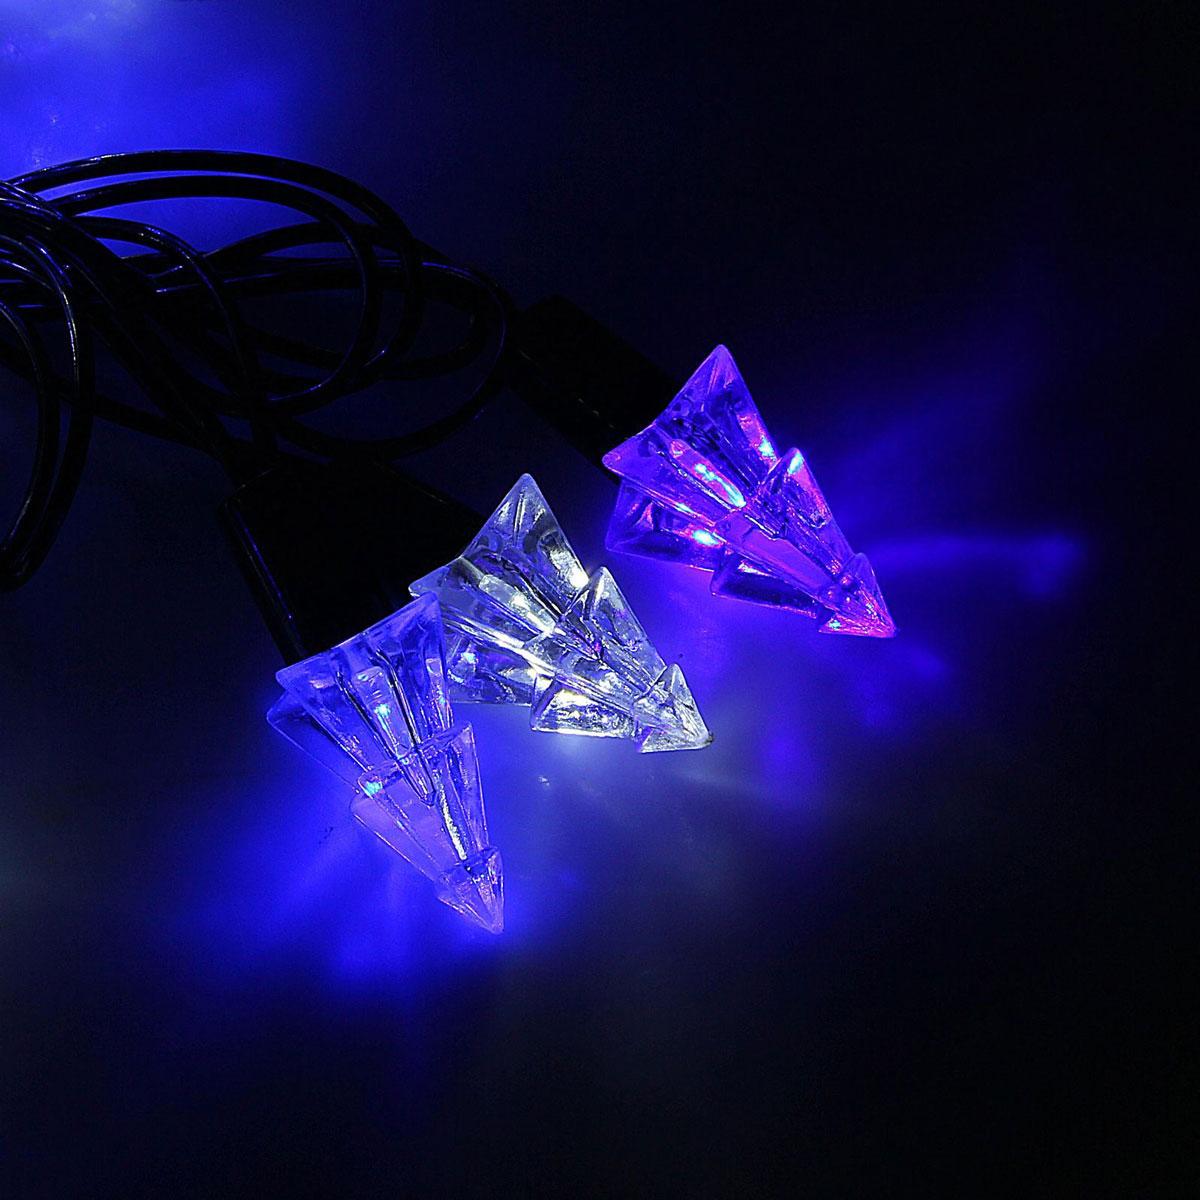 Гирлянда светодиодная Luazon Метраж. Елка маленькая, уличная с насадкой, моргает, 40 ламп, 220 V, 5 м, цвет: синий. 1080088